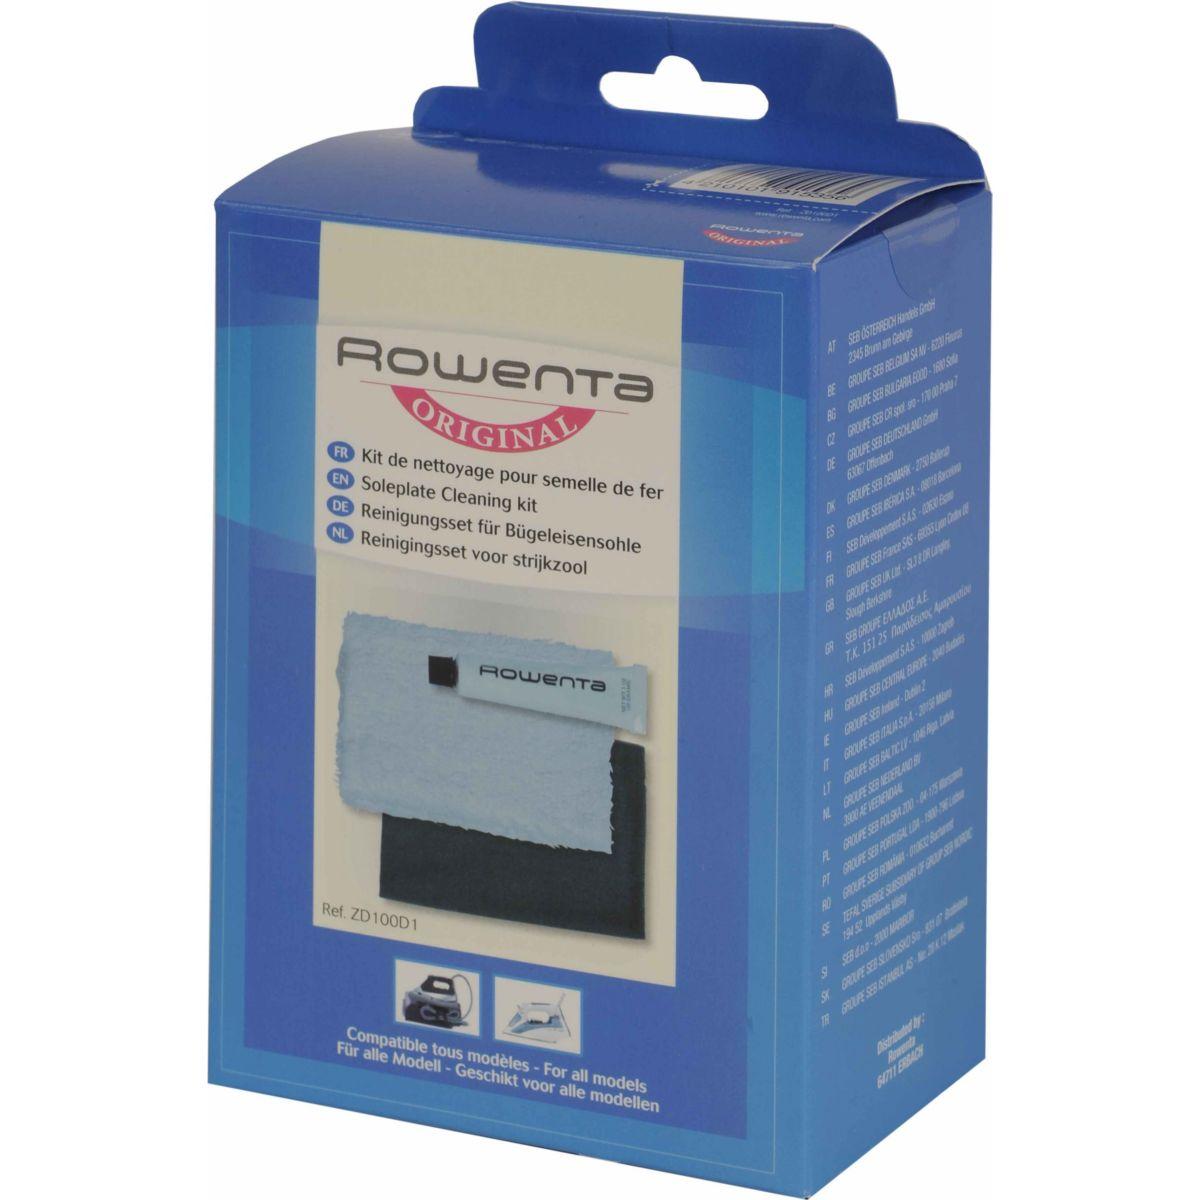 ACC. ROWENTA Kit de nettoyage pour semel